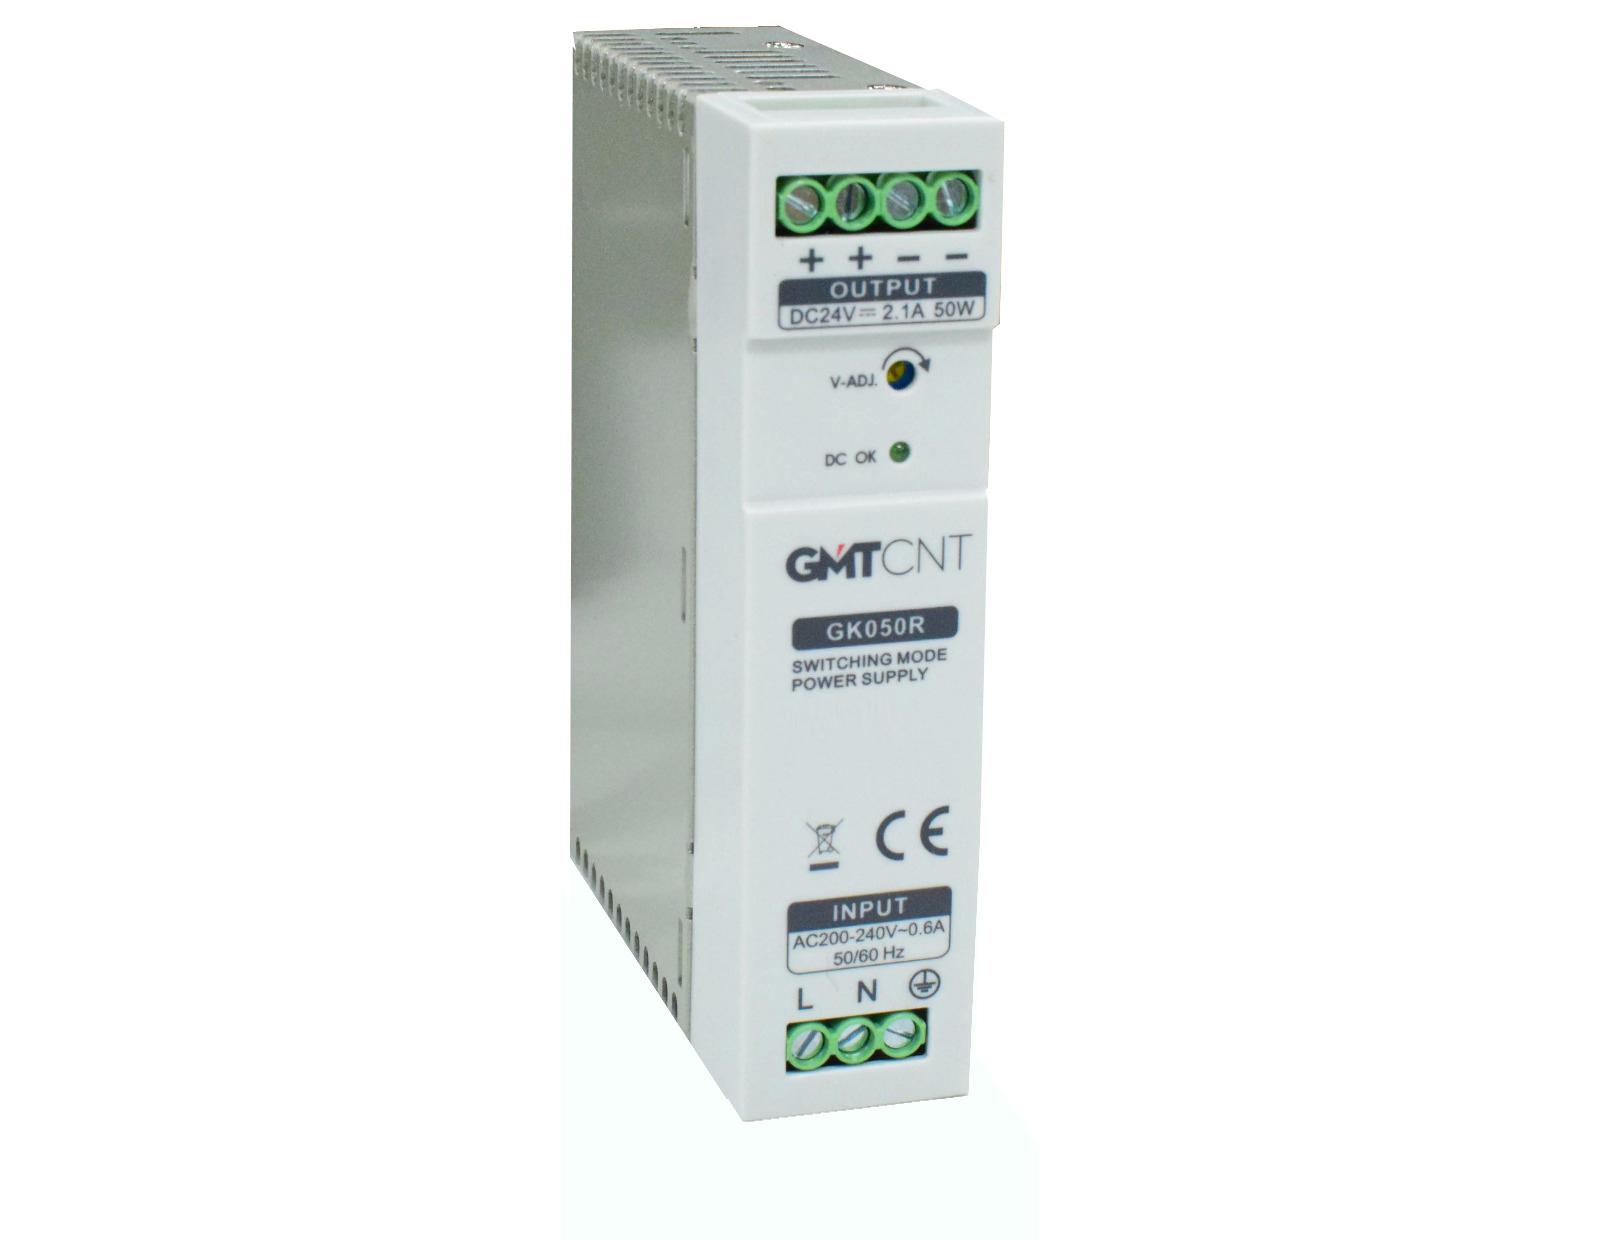 GK050R